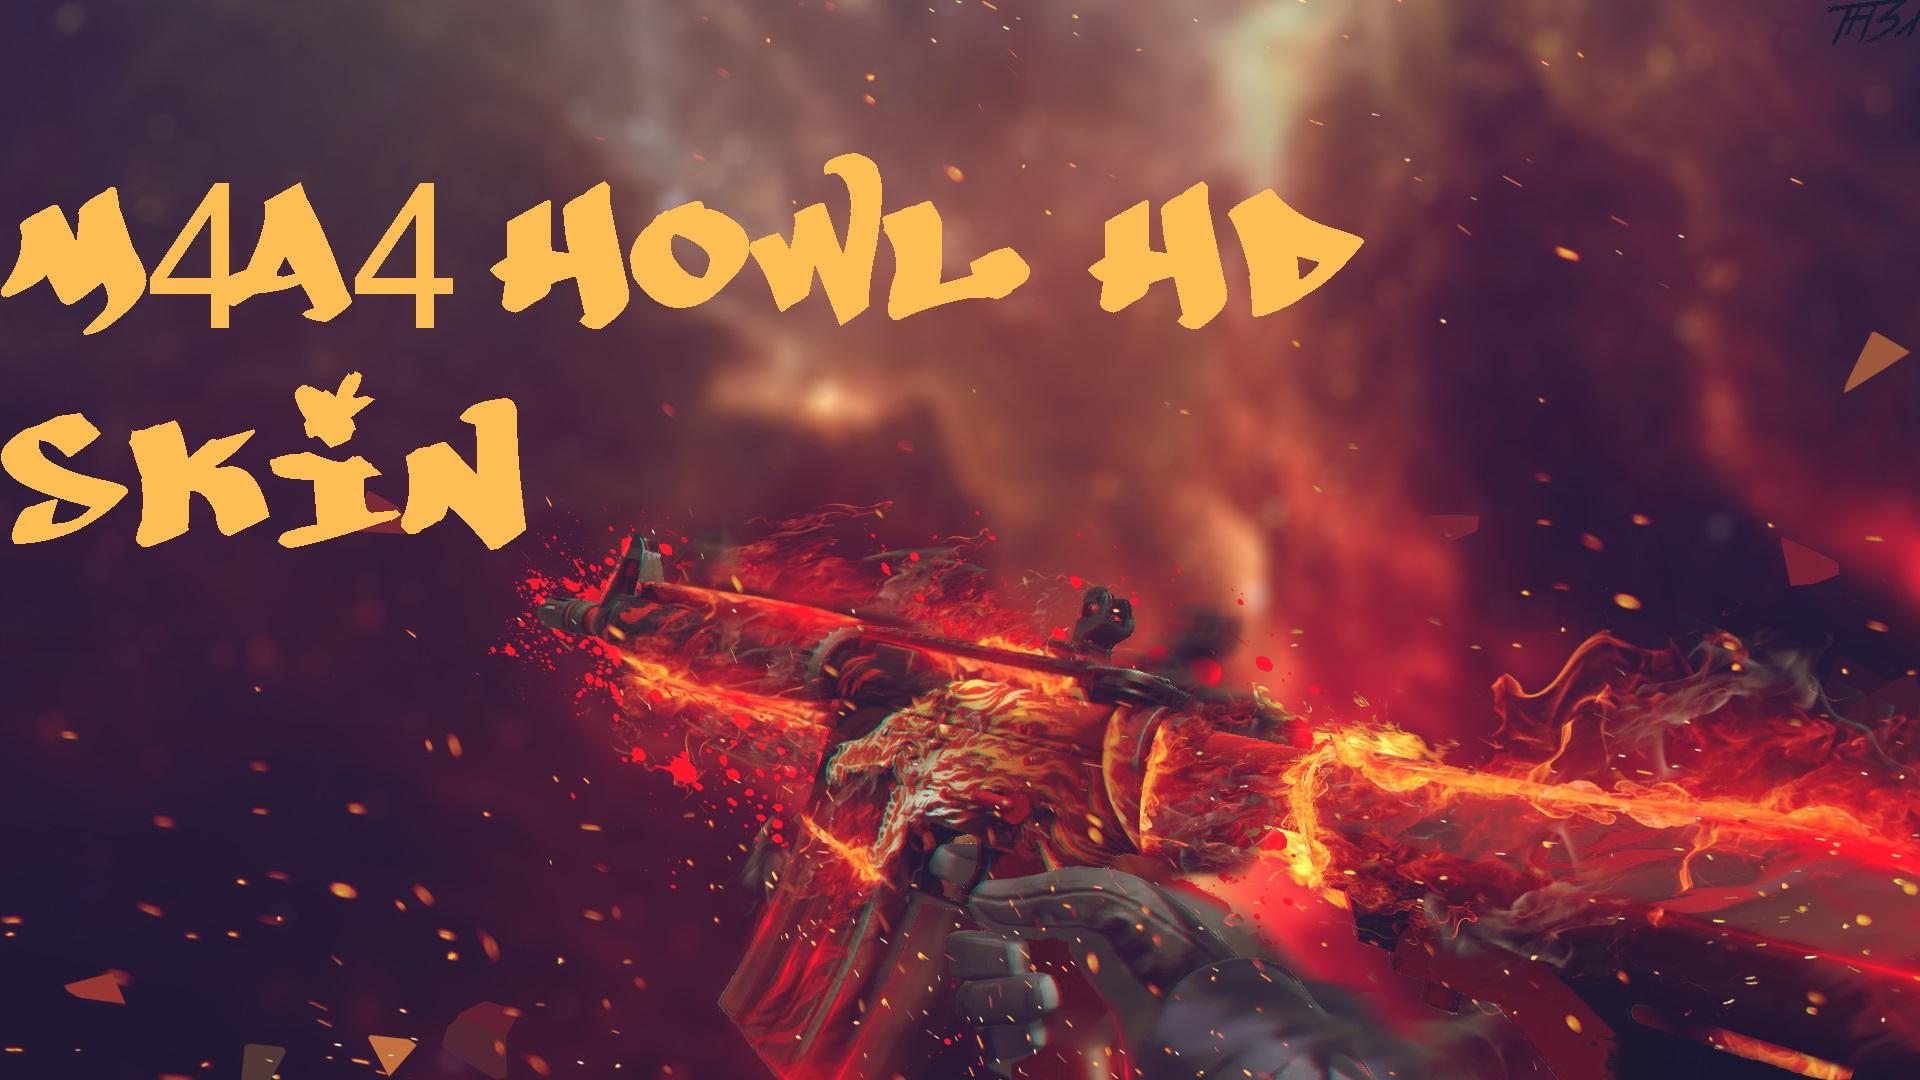 دانلود گان Weapon Howl برای بوی منوی کانتر استریک 1.6